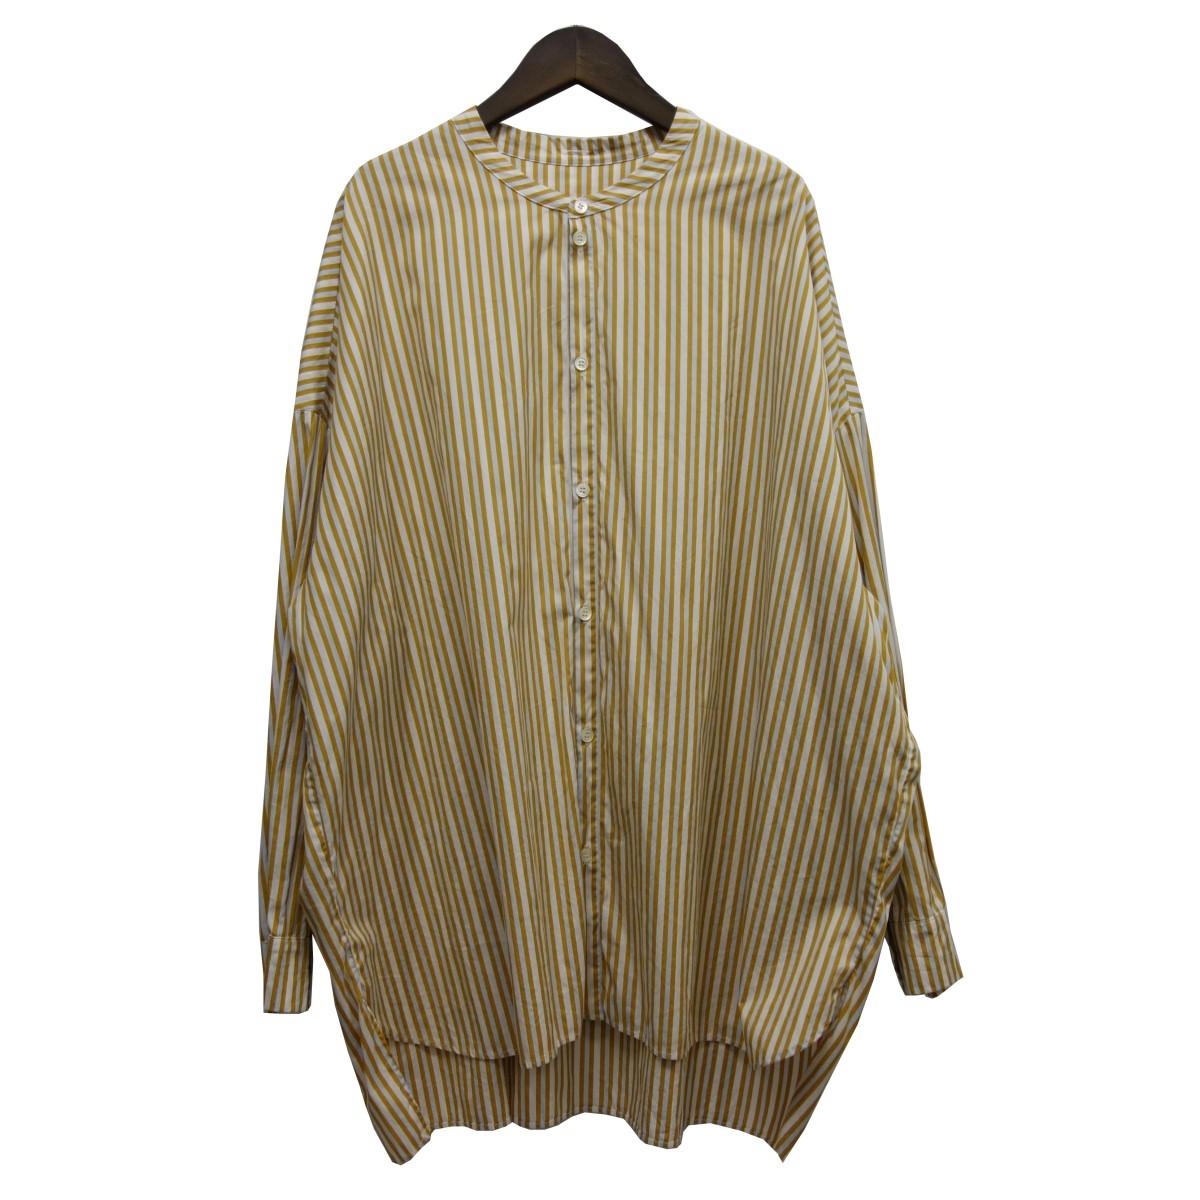 【中古】GALLEGO DESPORTES ストライプオーバーサイズシャツ イエロー サイズ:M 【030520】(ギャレゴデスポート)